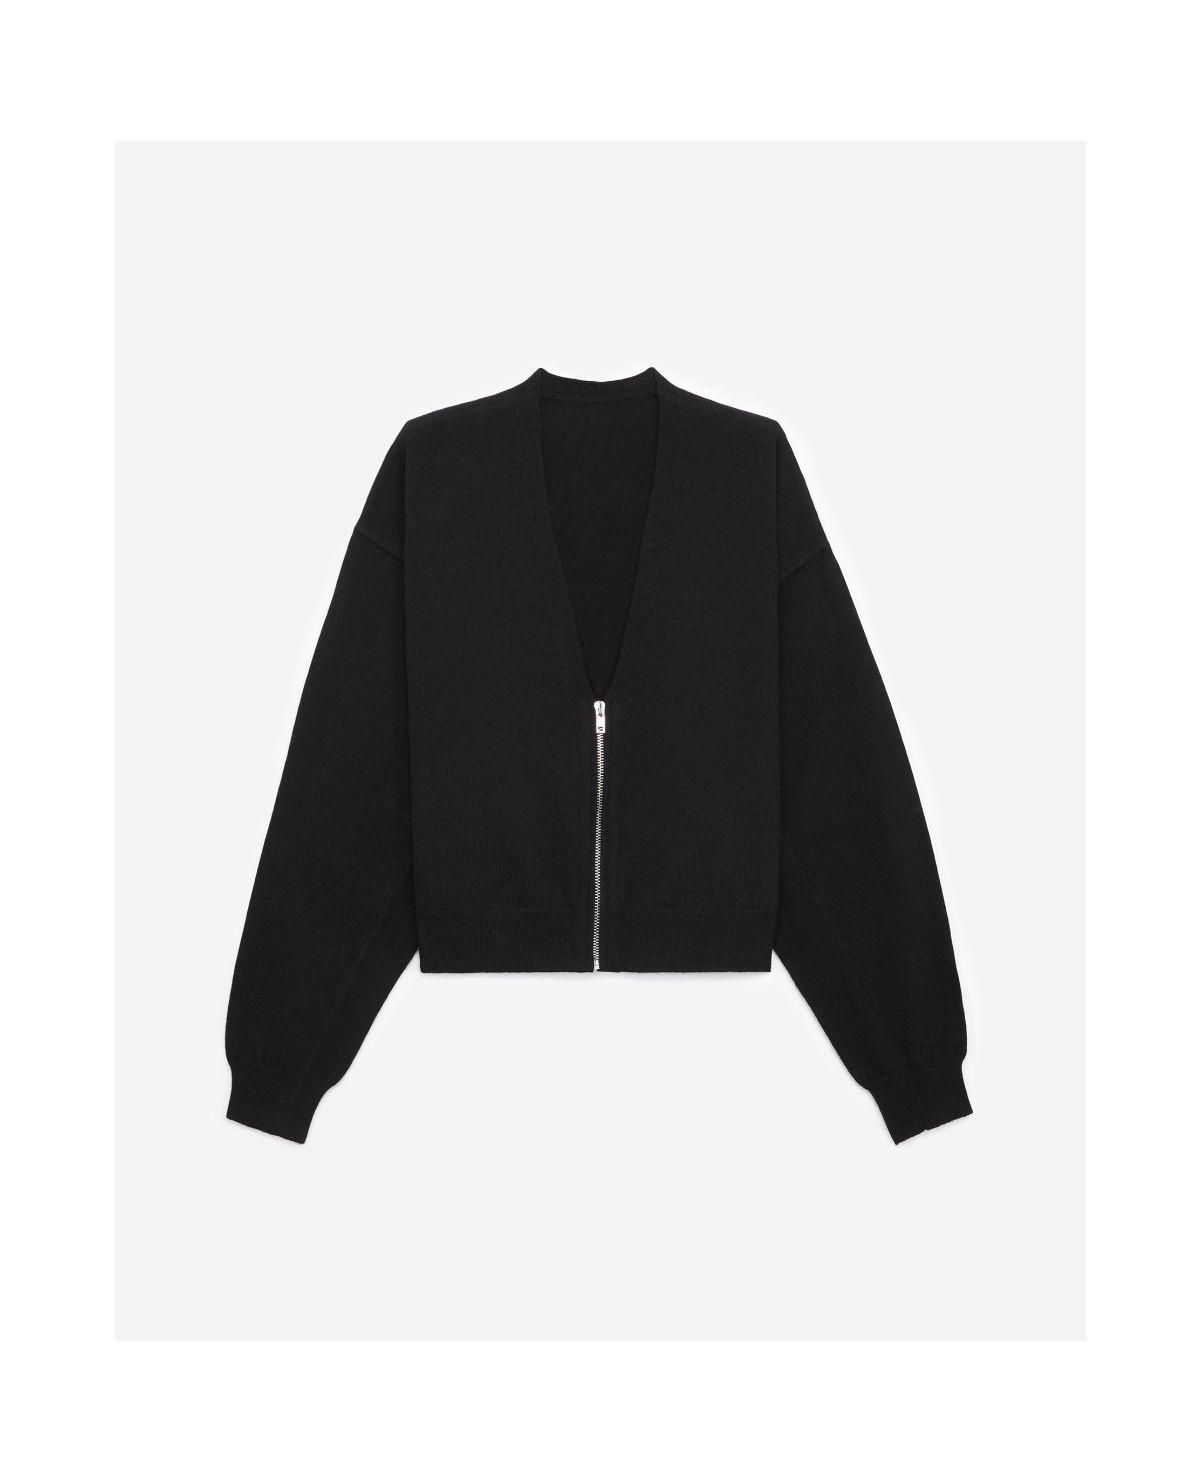 THE KOOPLES  cardigan noir zippé à manches amples-1